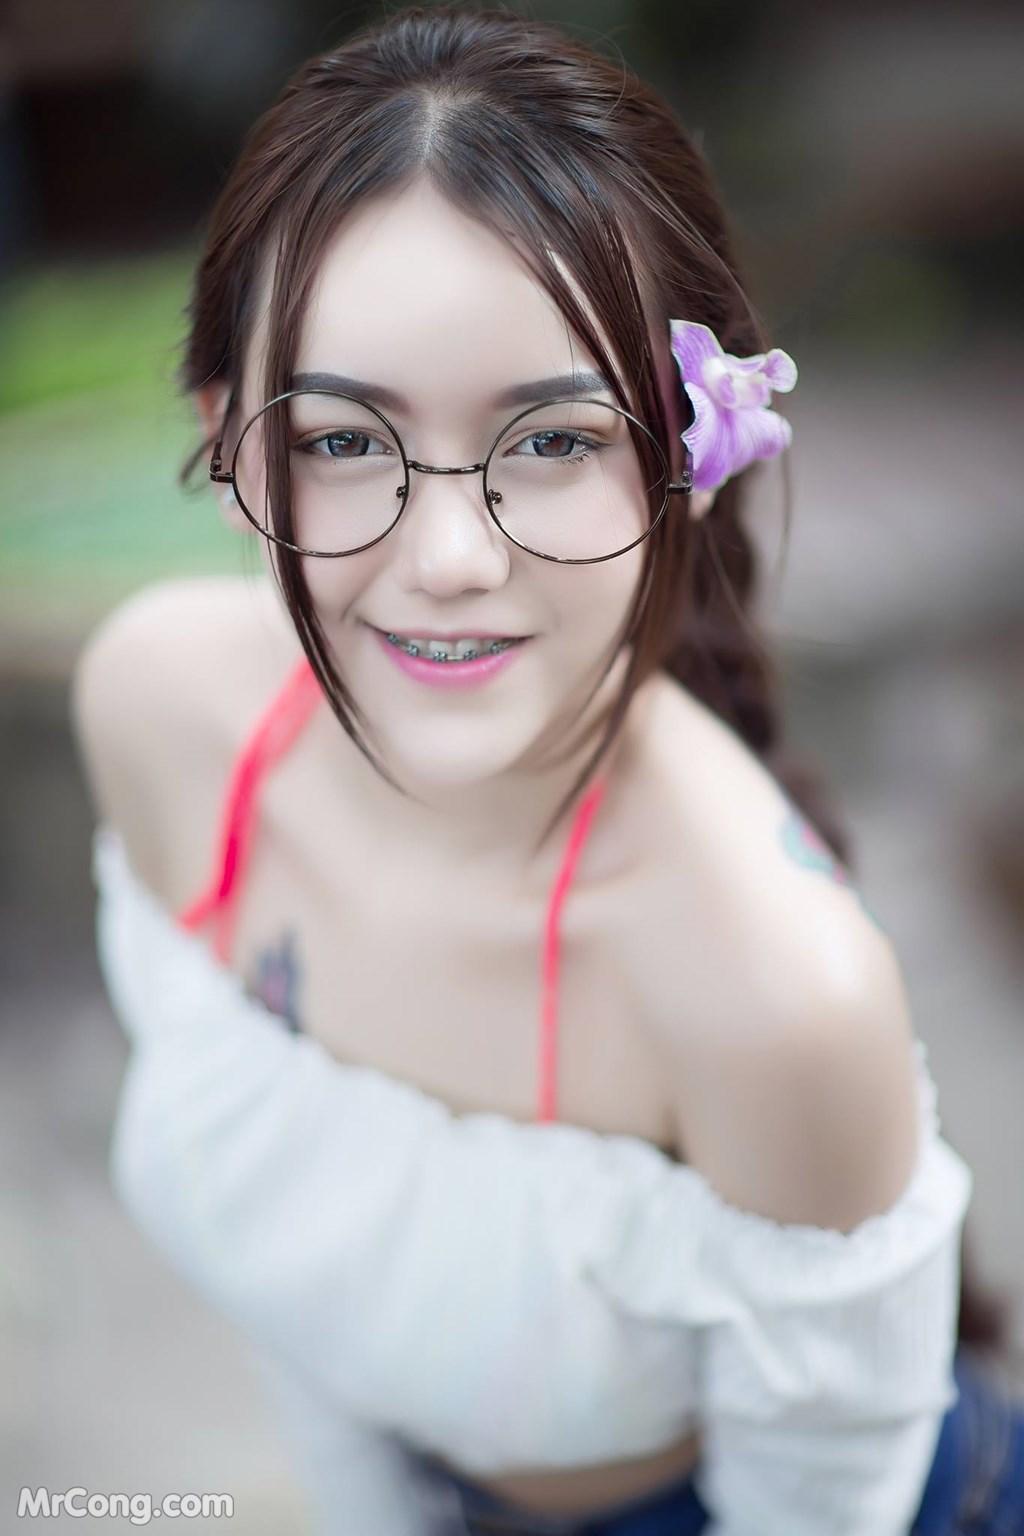 Image Thai-Model-Natalee-Achiel-Steppe-MrCong.com-005 in post Bộ ảnh ngoài trời rất dễ thương của người đẹp Natalee Achiel Steppe (24 ảnh)